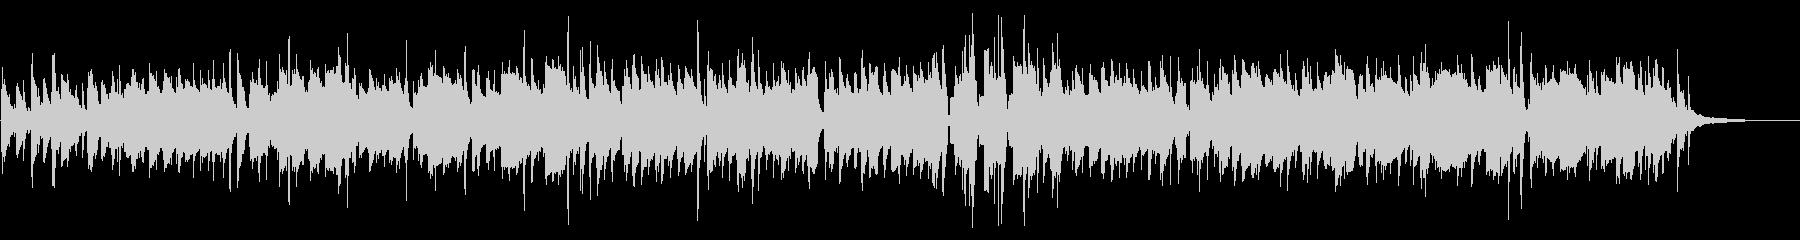 ウキウキ軽快なクラリネットのスイングの未再生の波形